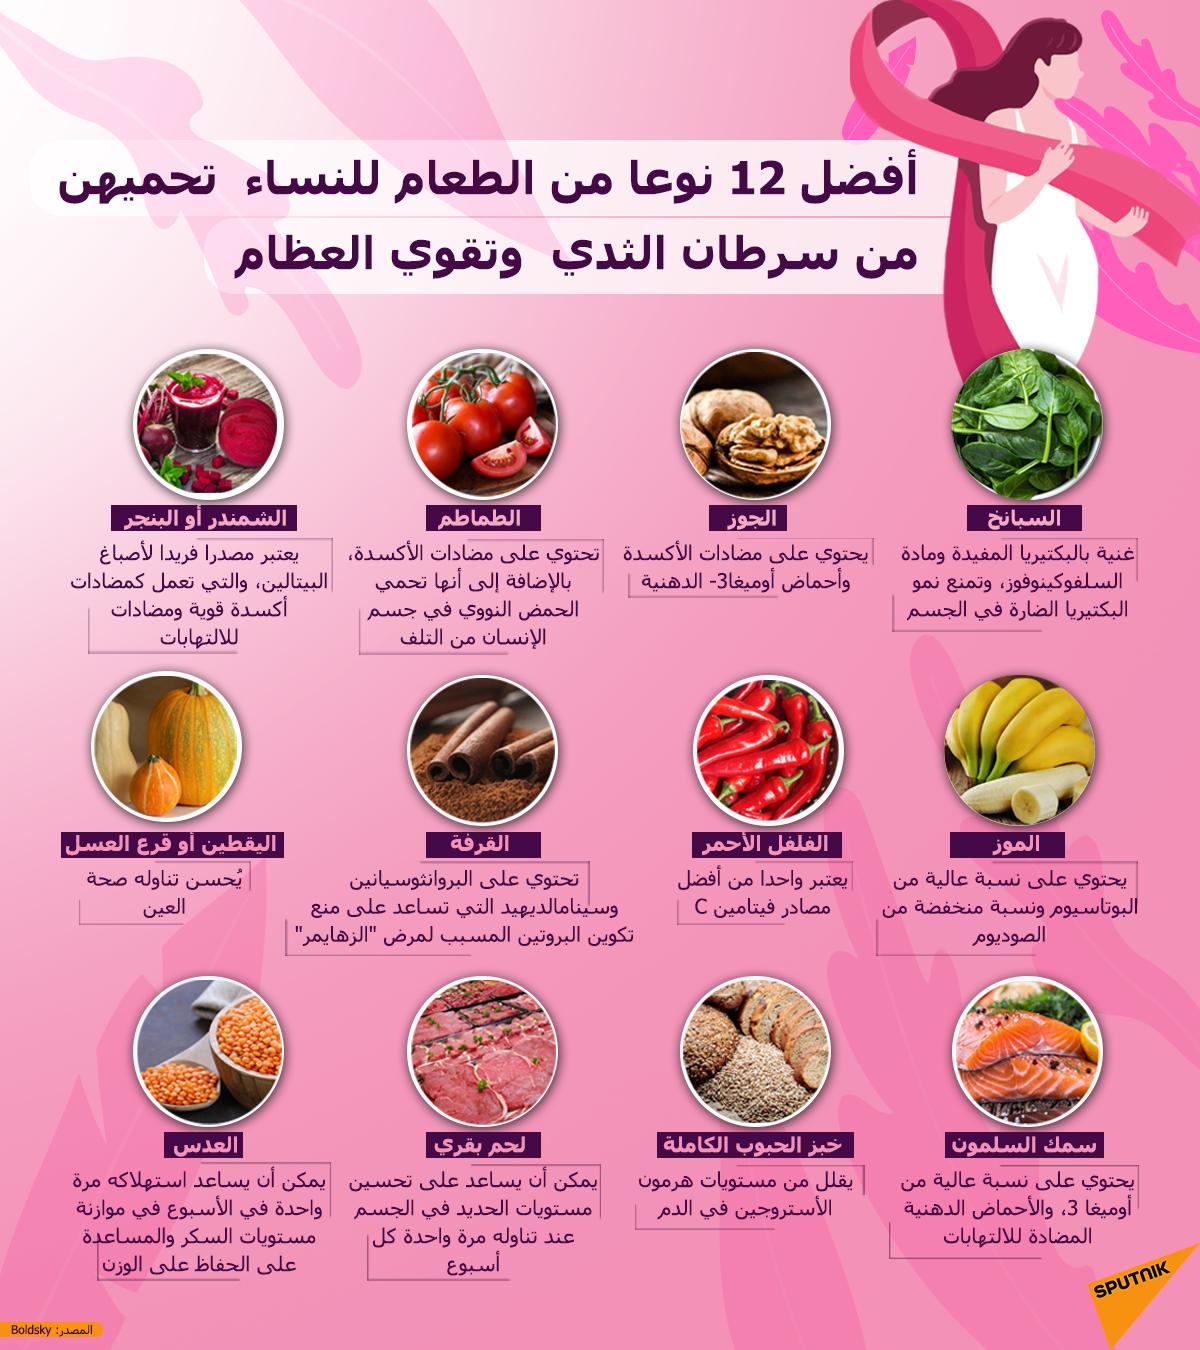 أفضل 12 نوعا من الطعام للنساء... يحميهن من سرطان الثدي ويقوي العظام